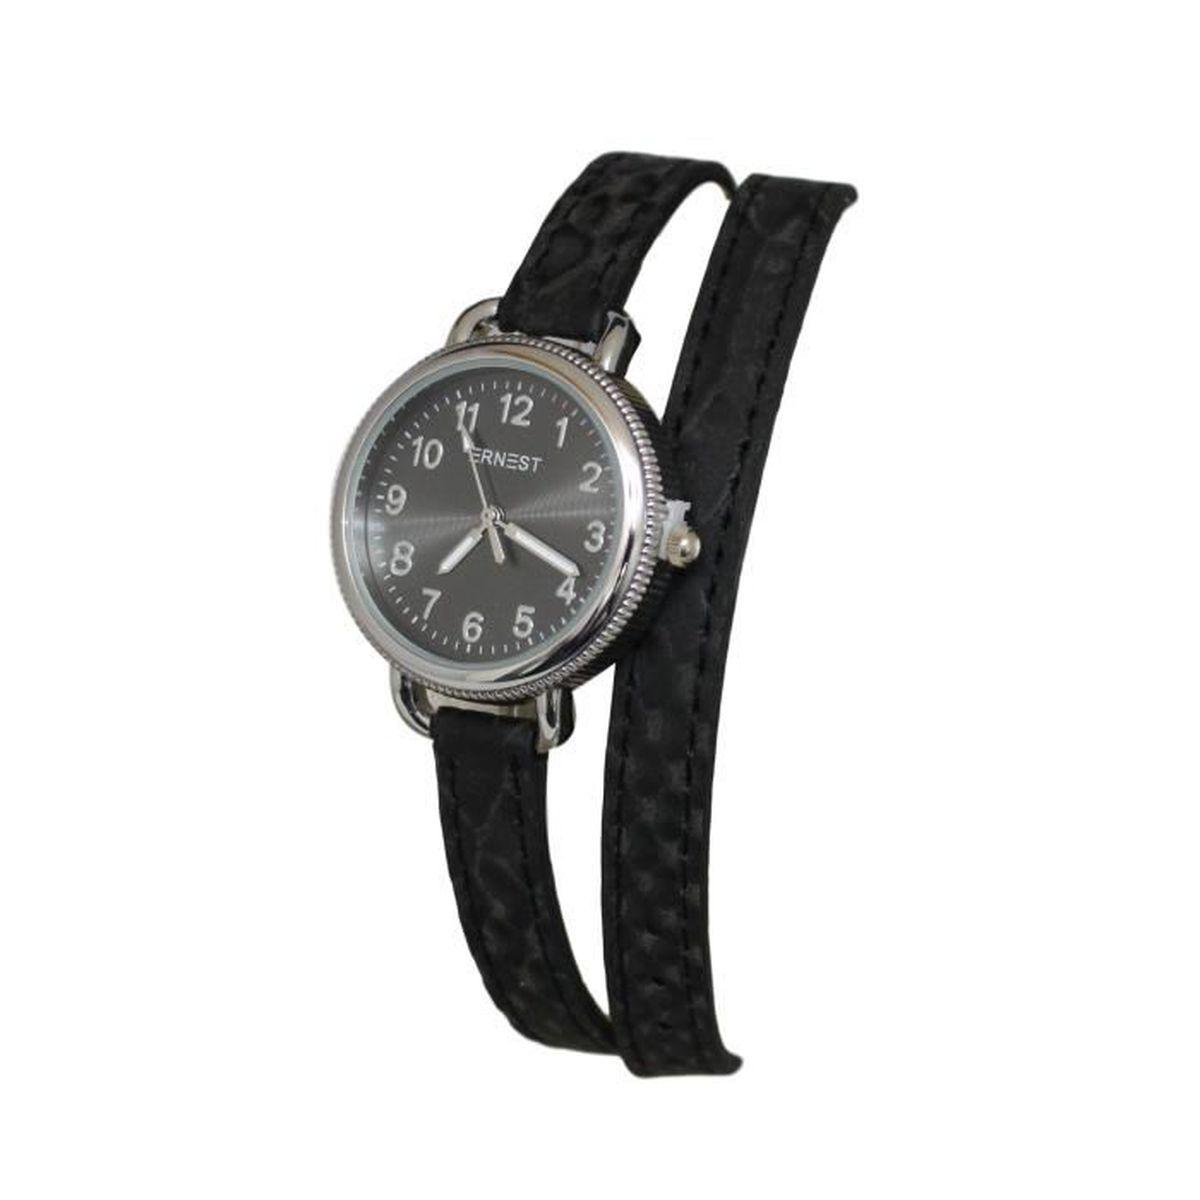 Connu montre femme Ernest bracelet double tour cuir noir - Achat / Vente  EJ81